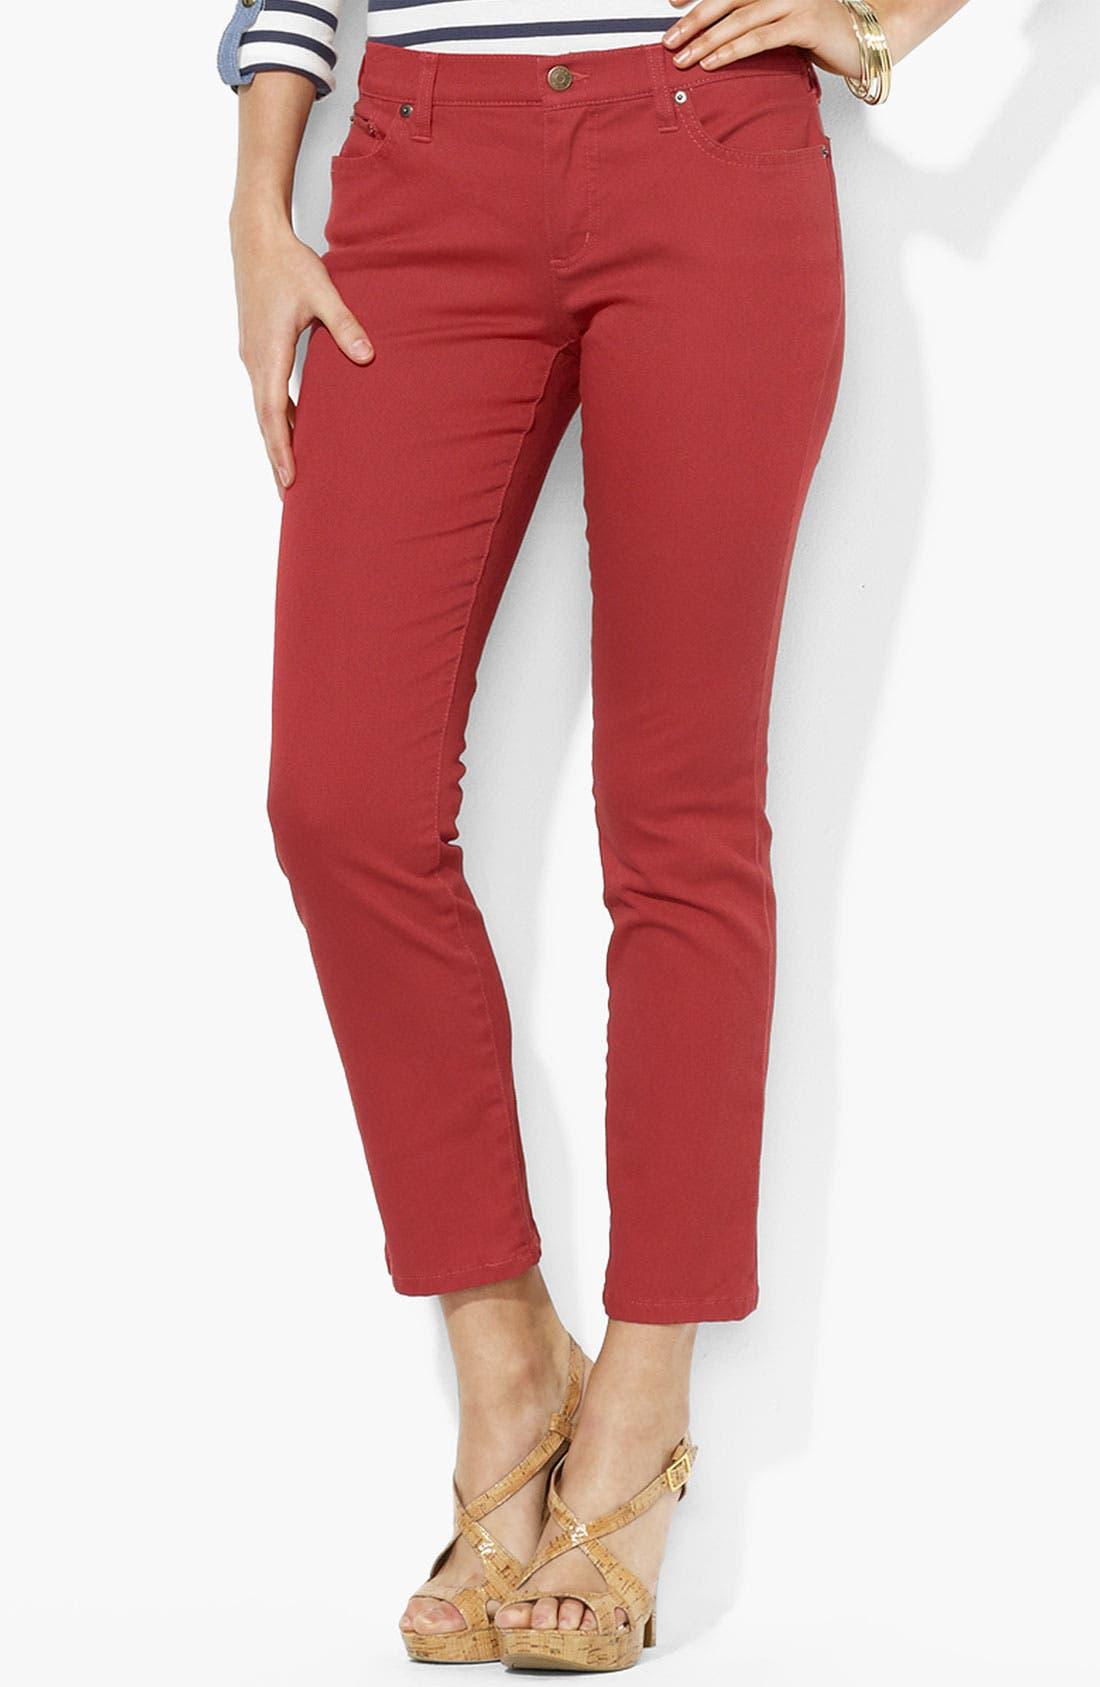 Alternate Image 1 Selected - Lauren Ralph Lauren Modern Straight Leg Ankle Pants (Petite) (Online Only)